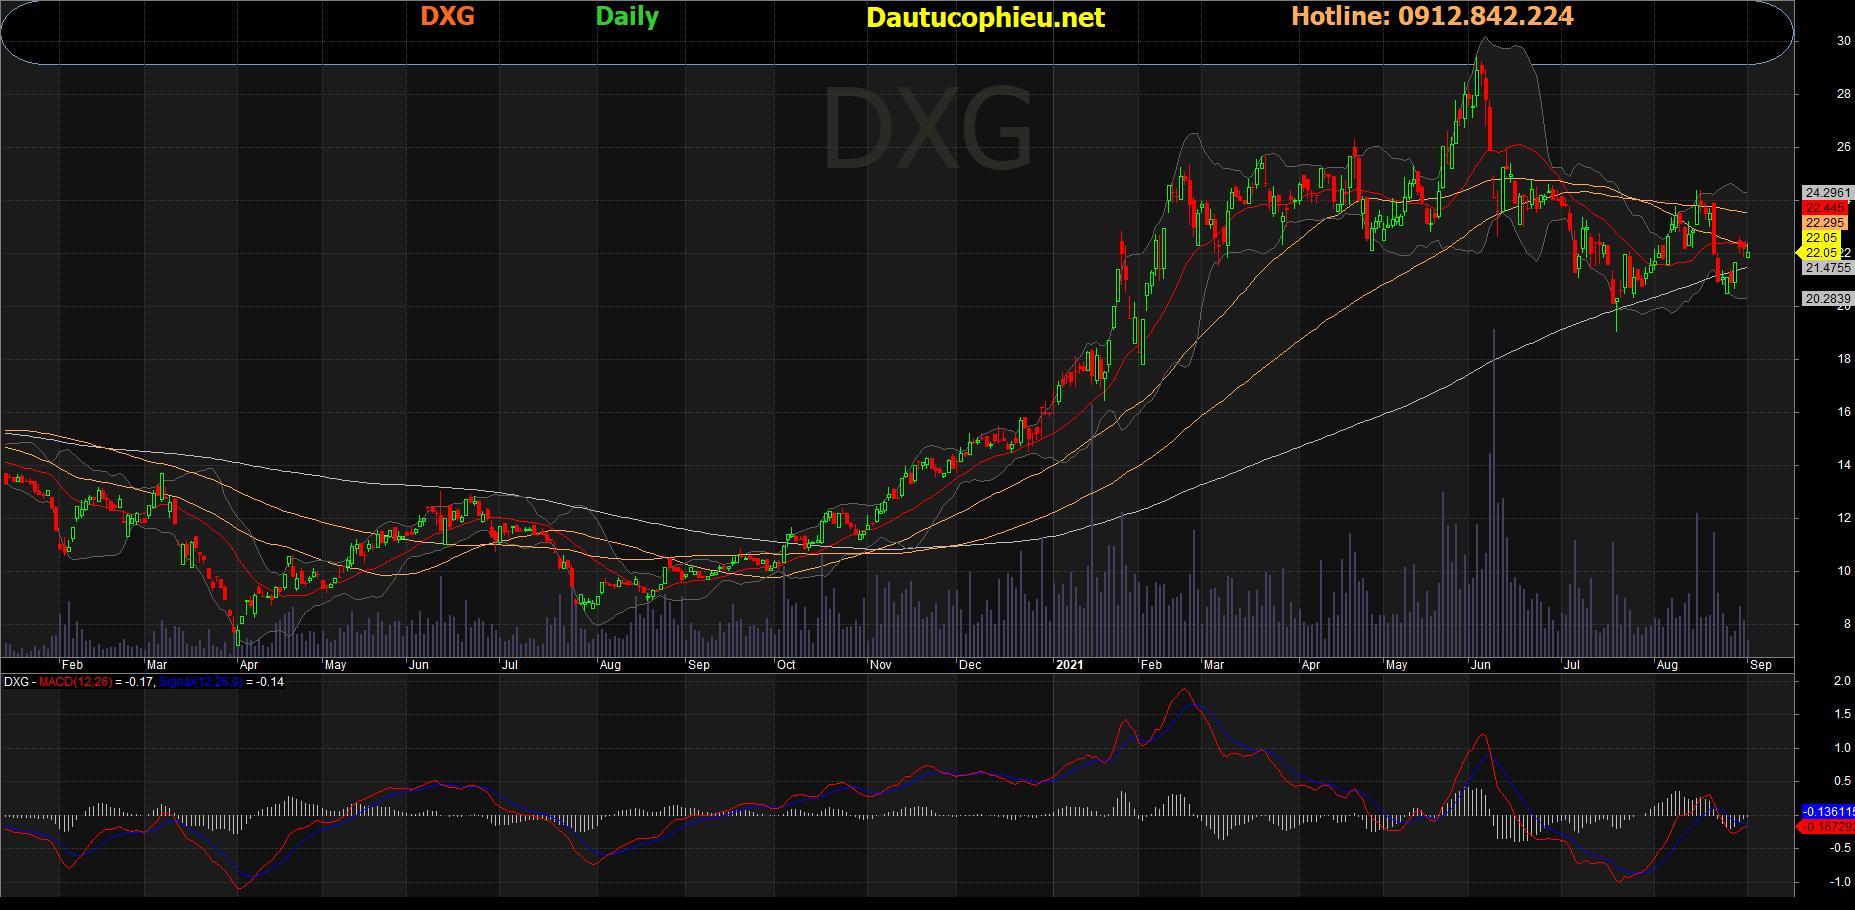 Cập nhật cổ phiếu DXG – Khuyến nghị mua vào với giá mục tiêu 28.000 đồng/cp